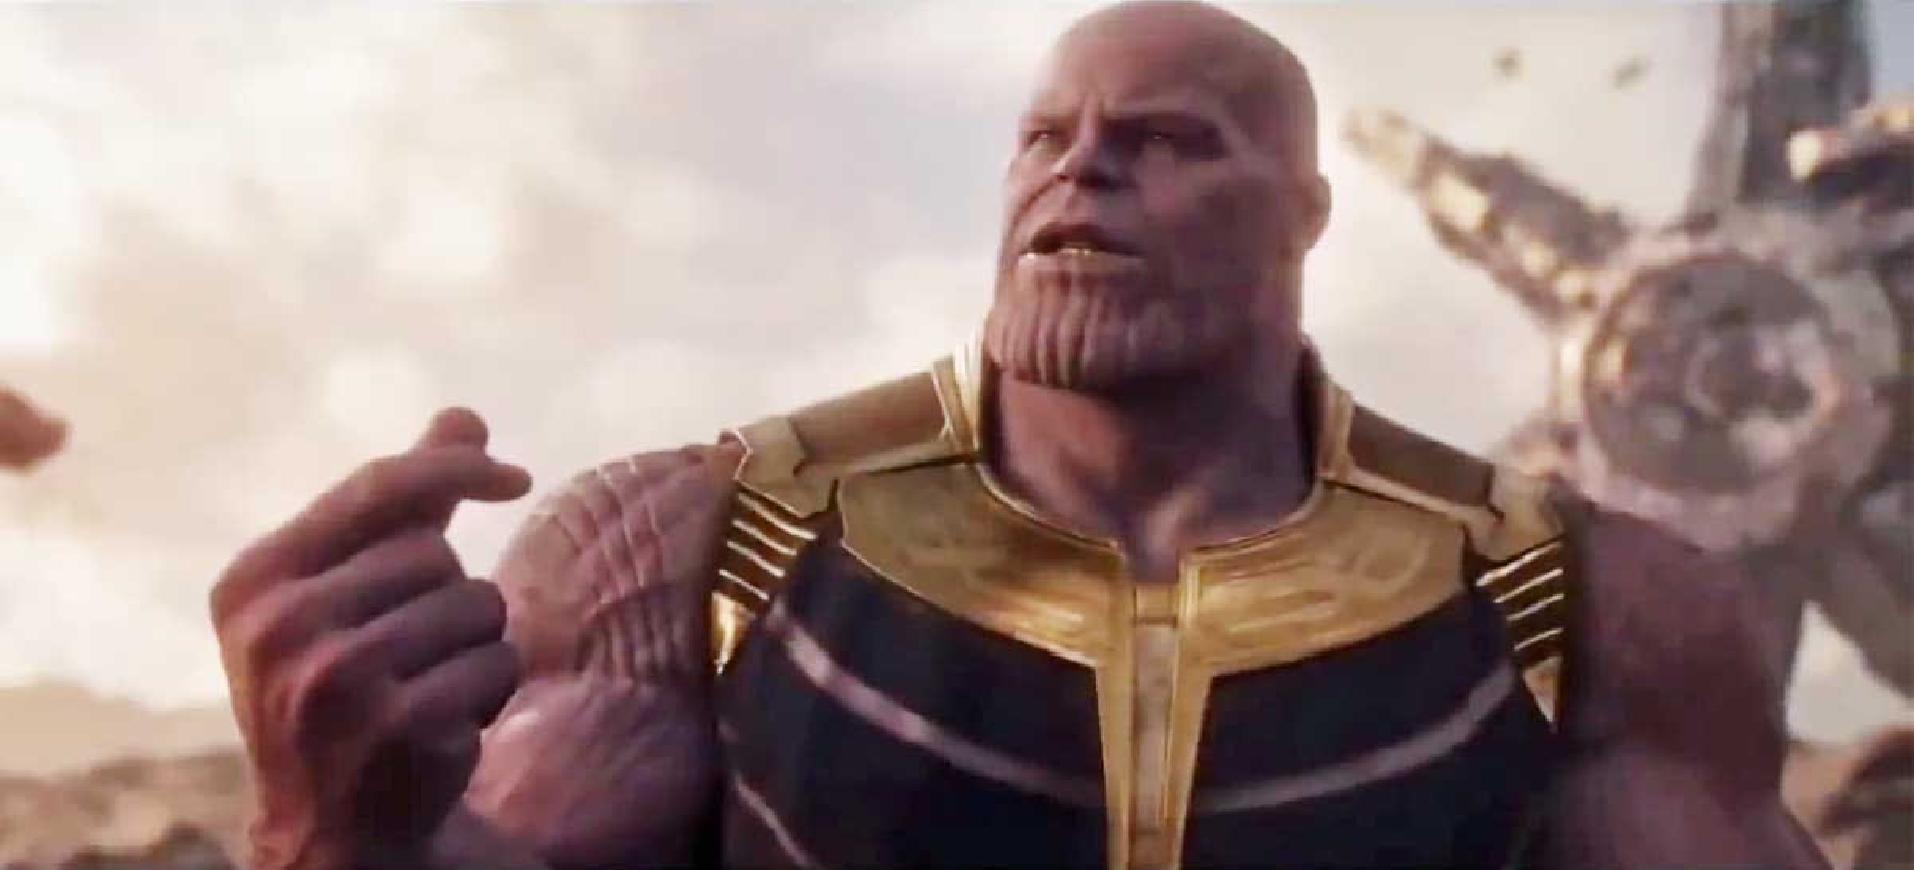 Meme Generator Thanos - Madihah Buxton